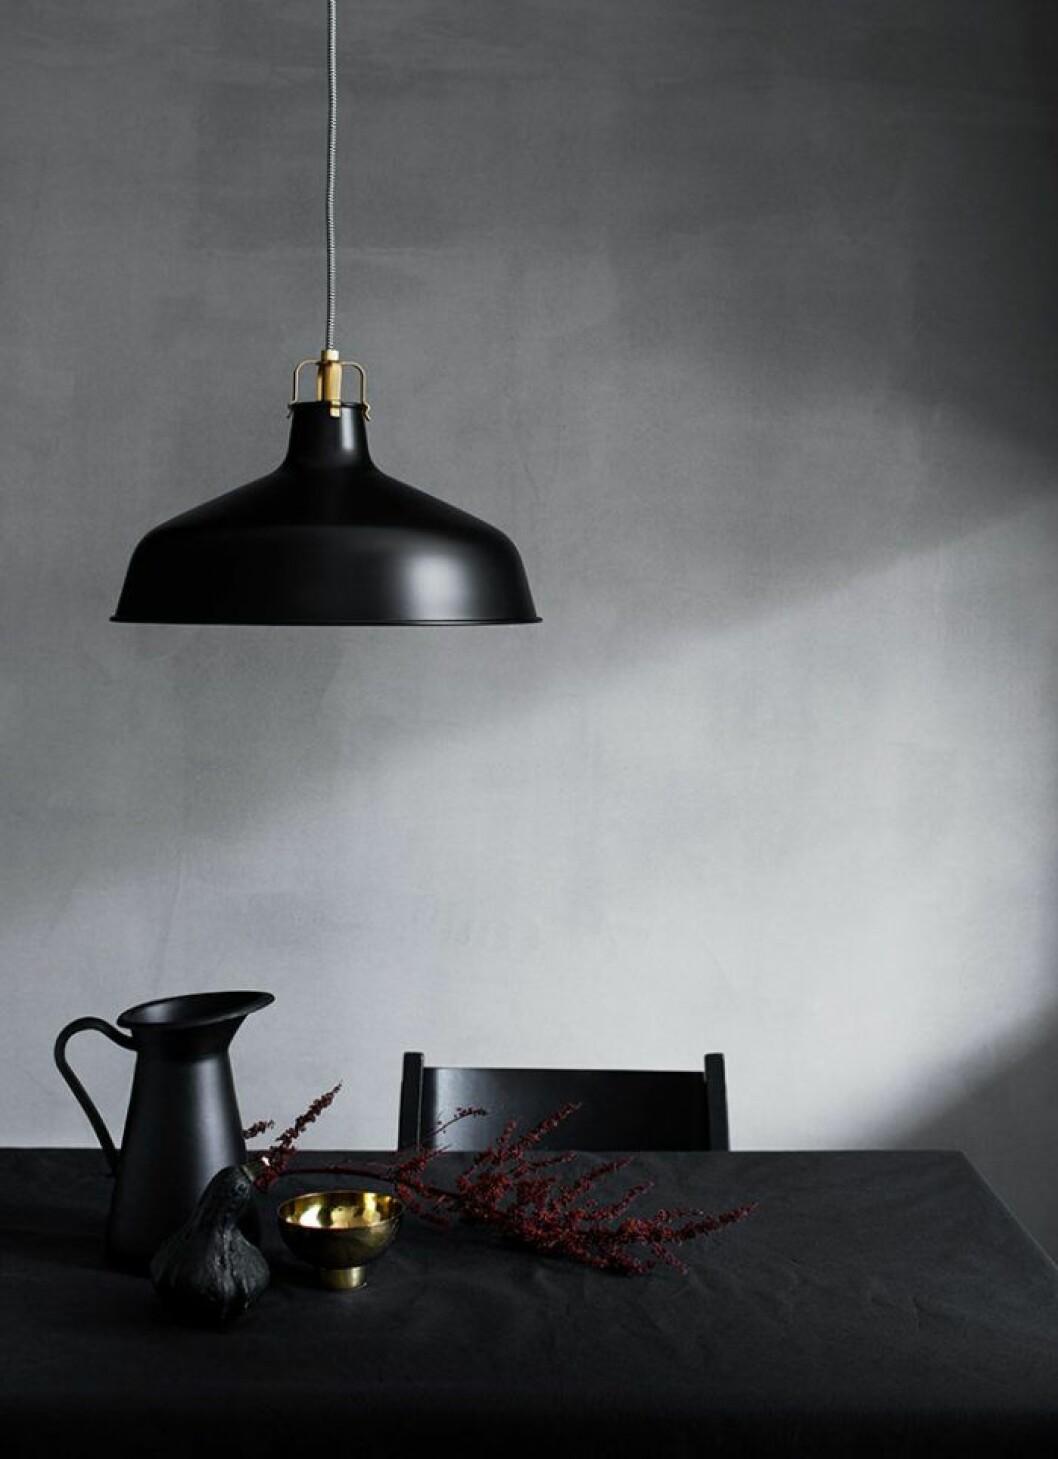 Matta väggar gör det lättare för ljuset att reflektera.